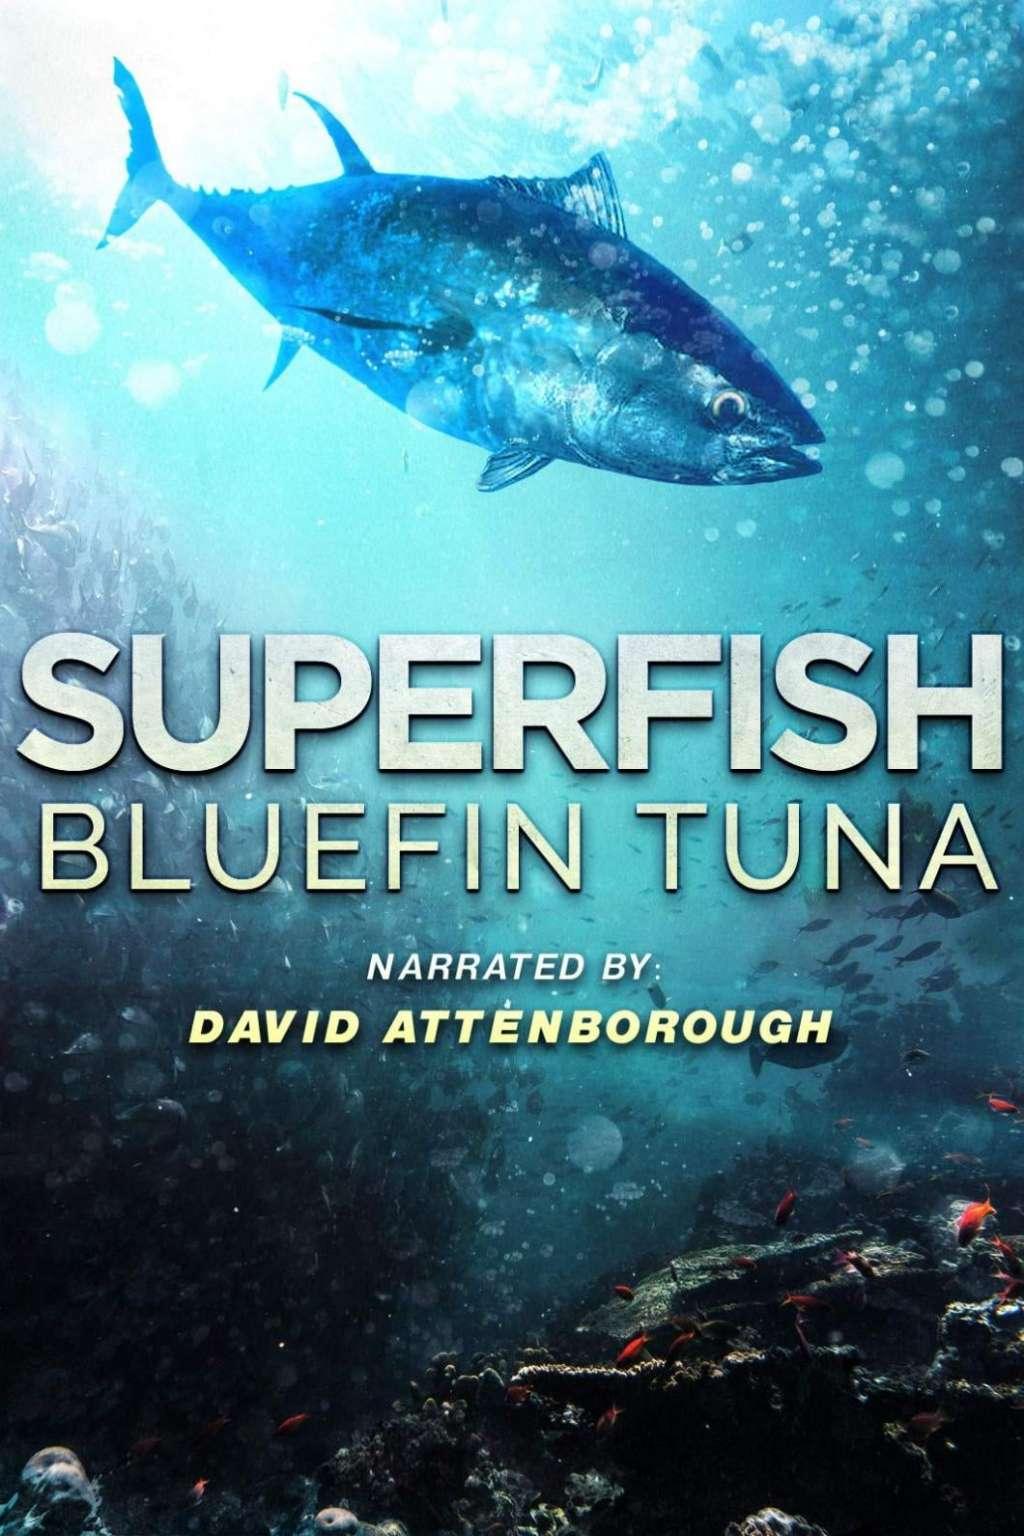 Superfish Bluefin Tuna kapak